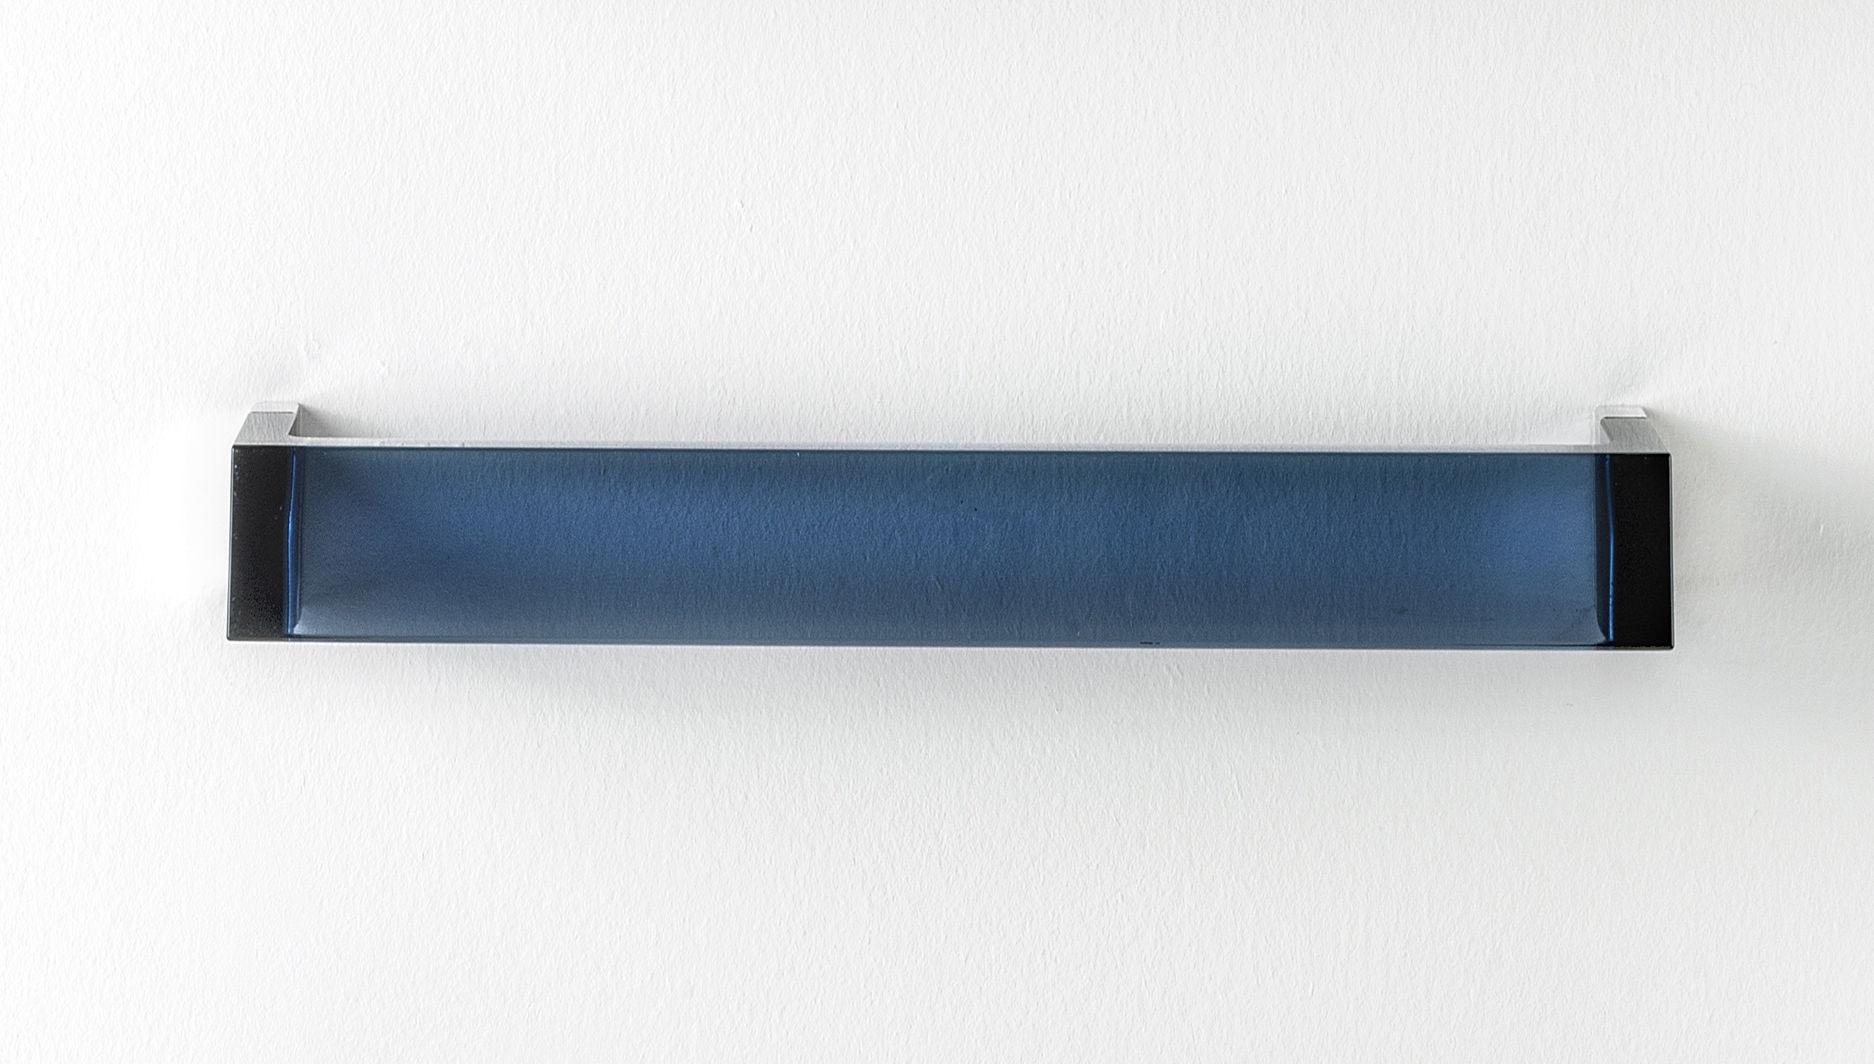 Accessoires - Accessoires für das Bad - Rail Wandtuchhalter / L 30 cm - Kartell - Nachtblau - PMMA